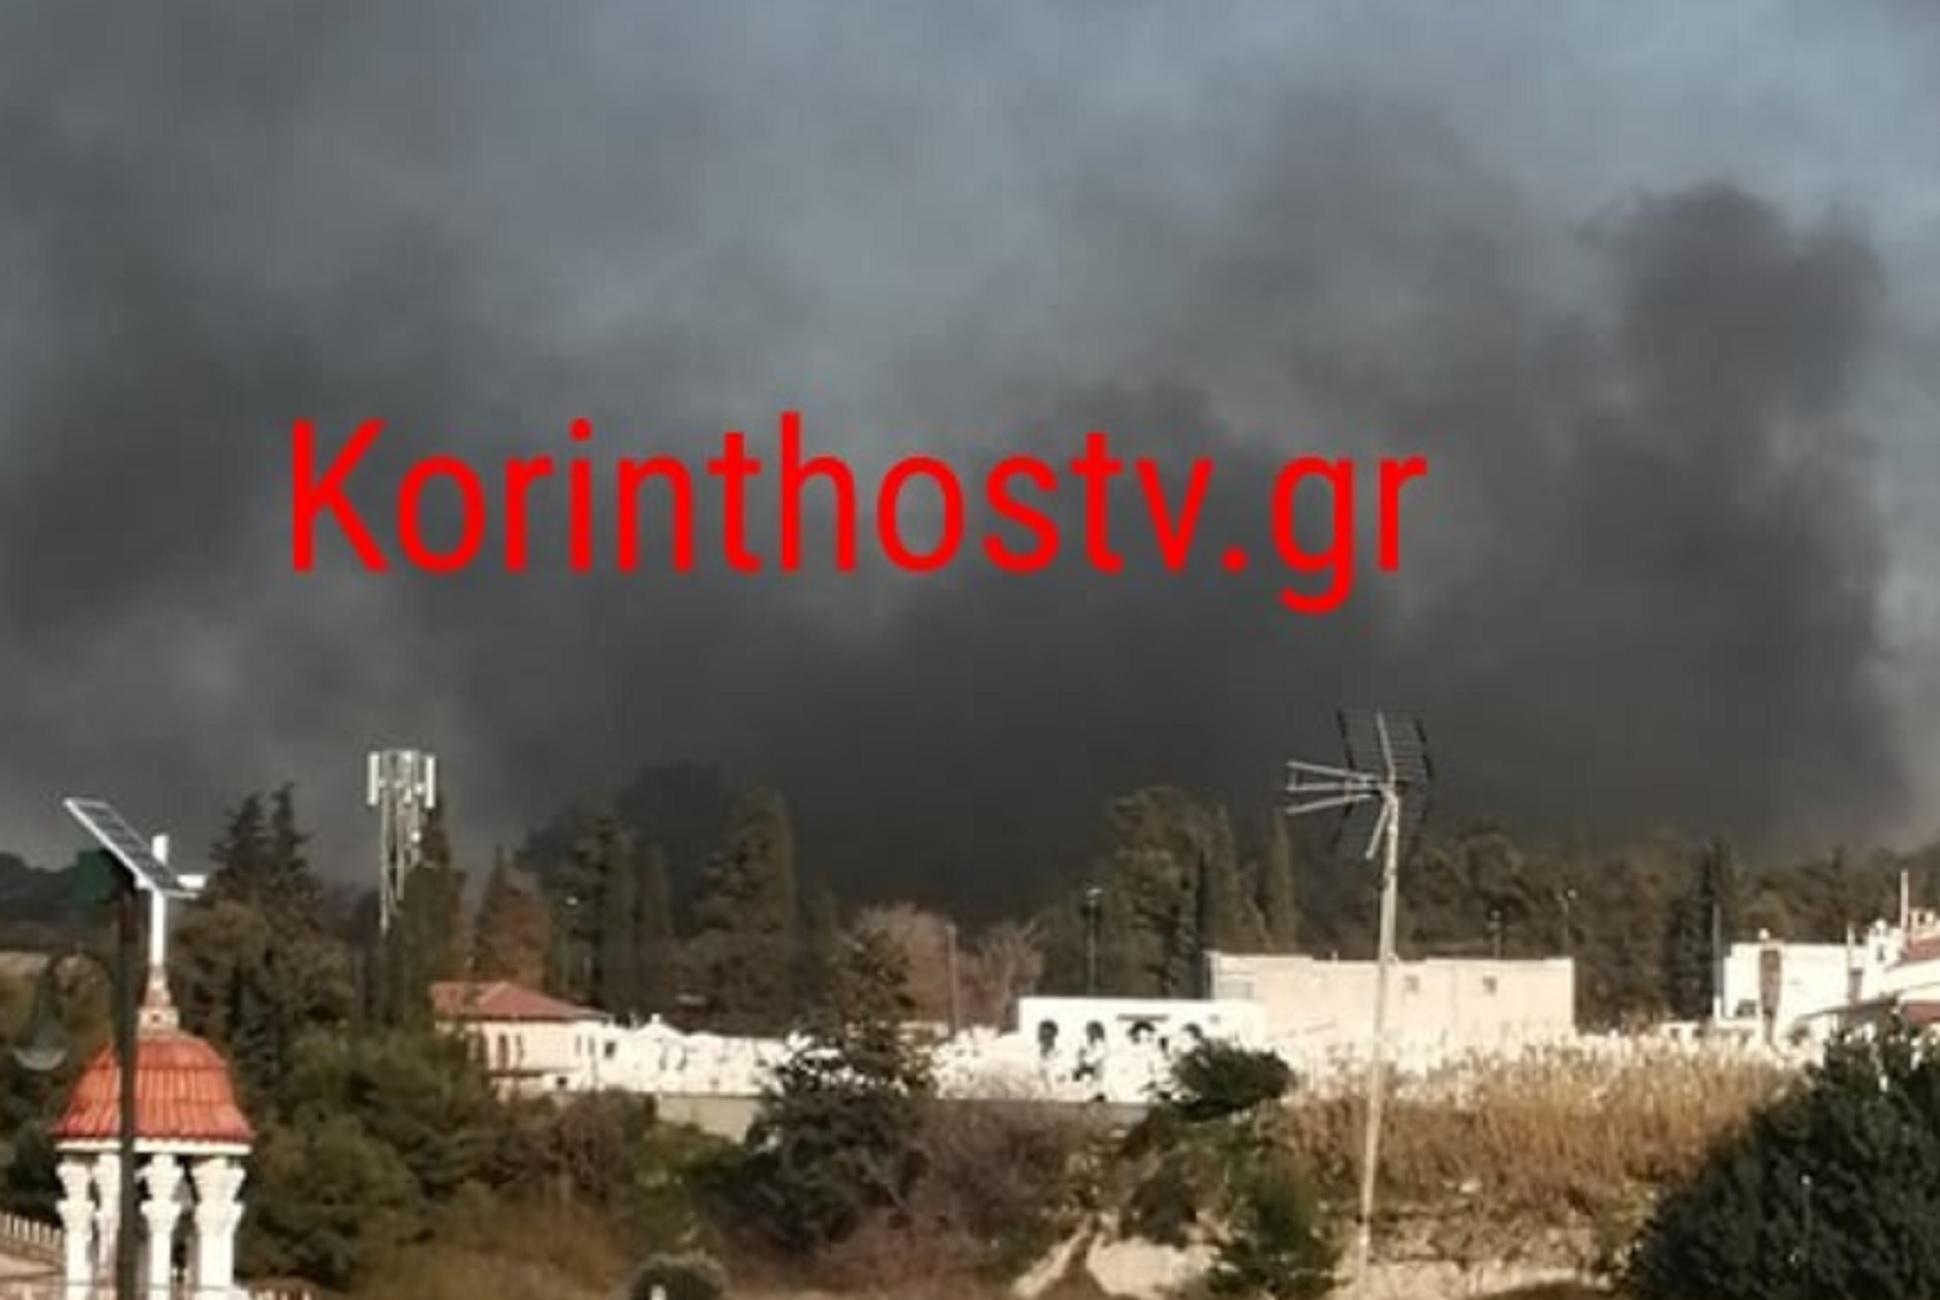 Κόρινθος: Εξέγερση μεταναστών με φωτιές και πετροπόλεμο – Πεδίο μάχης το σημείο (video)